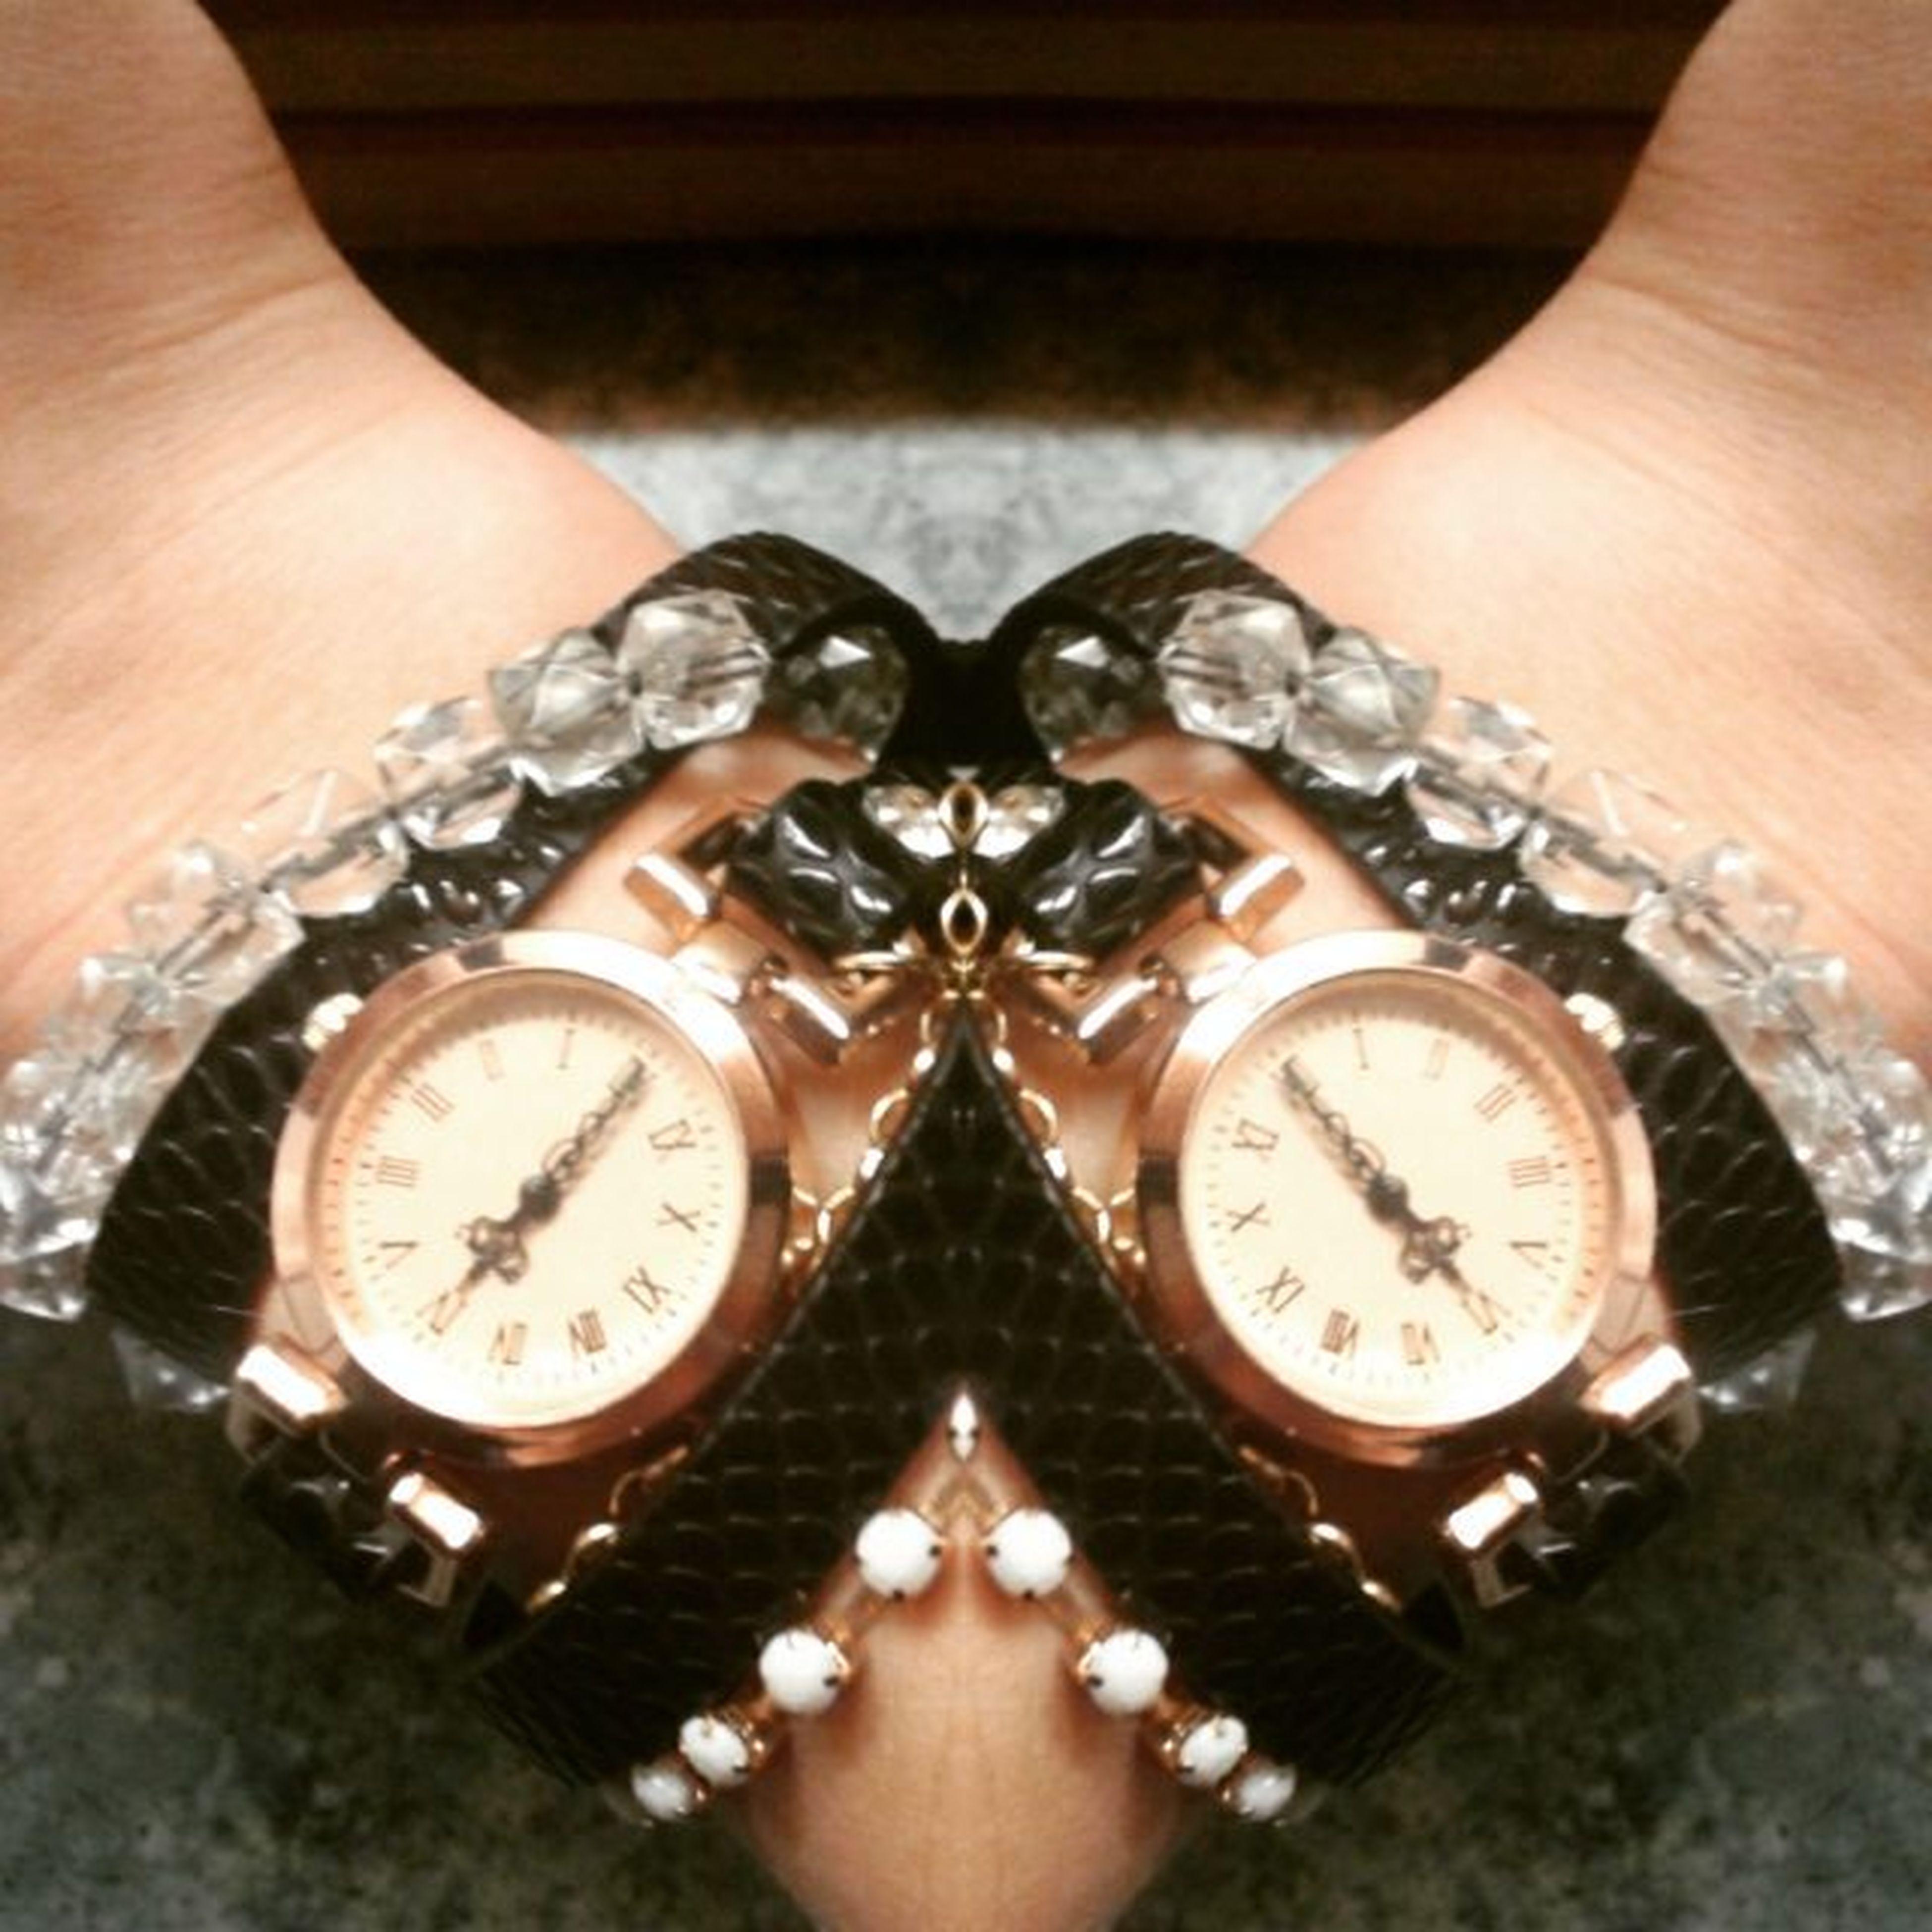 """18:00 wybiła- pora na święta""""Pierwszą miłość""""!!! :) :* Zegarek Osiemnasta Równagodzina Mojaręka Myarm Mywatch Myfavouritefilm Mylove F4F L4l Follow Love Bestphoto Notmyfacephoto Photo Photooftheday"""